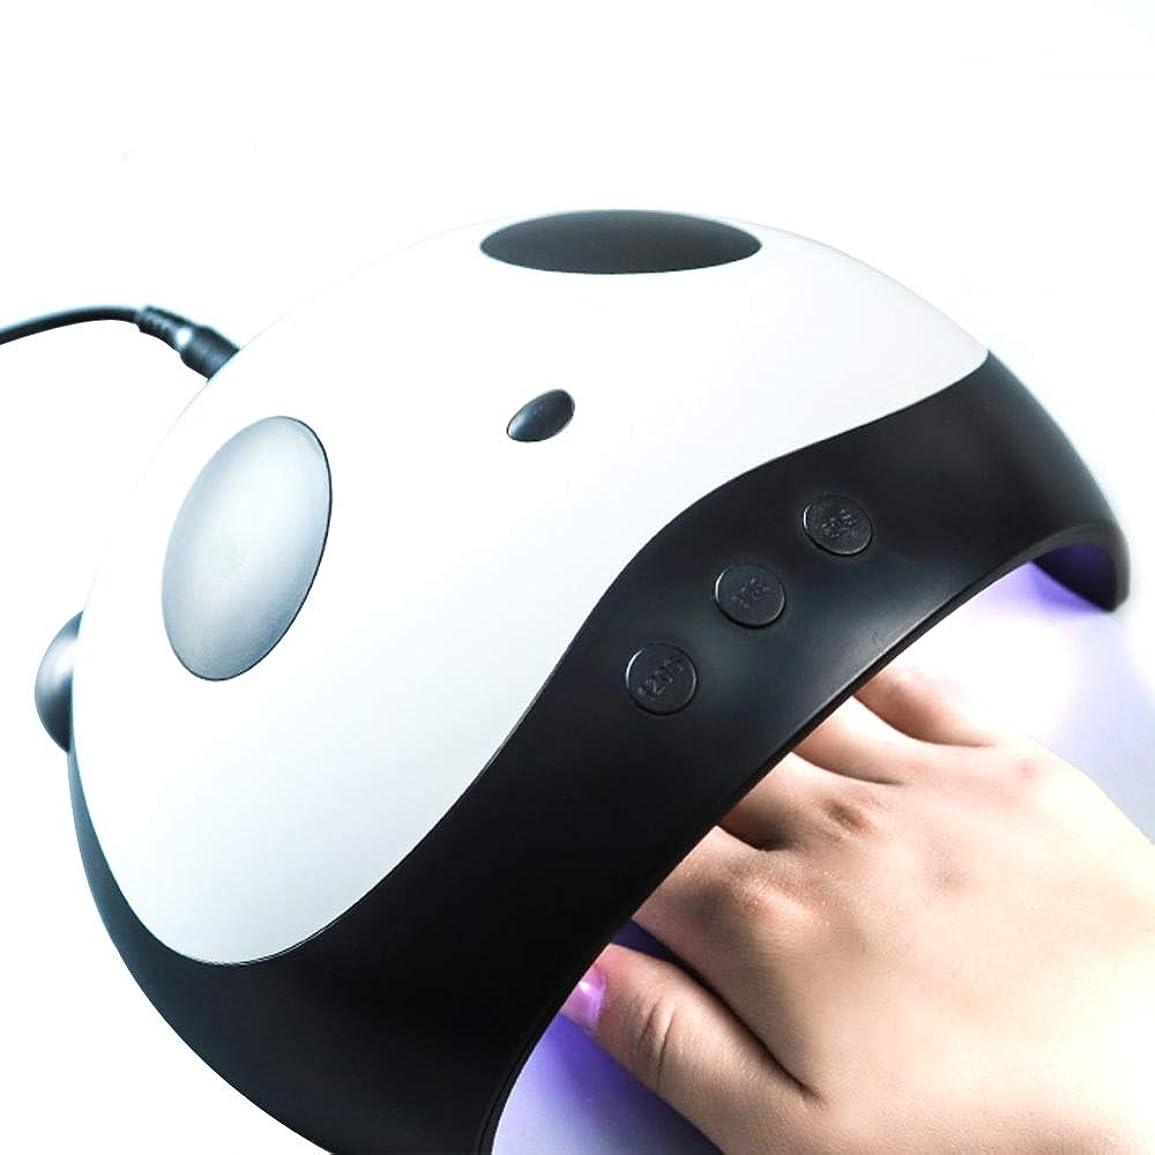 幻影看板贈り物Cute Panda Shaper UV Lamp 36W LED Nail Dryer Manicure Lamps Double Light Auto Motion Drier For Curing Gel Polish Nail Art Tools かわいいパンダUVランプ36W LEDのネイルドライヤーマニキュアランプダブルライトオートモーションドライヤーゲル硬化のためのネイルアートツール